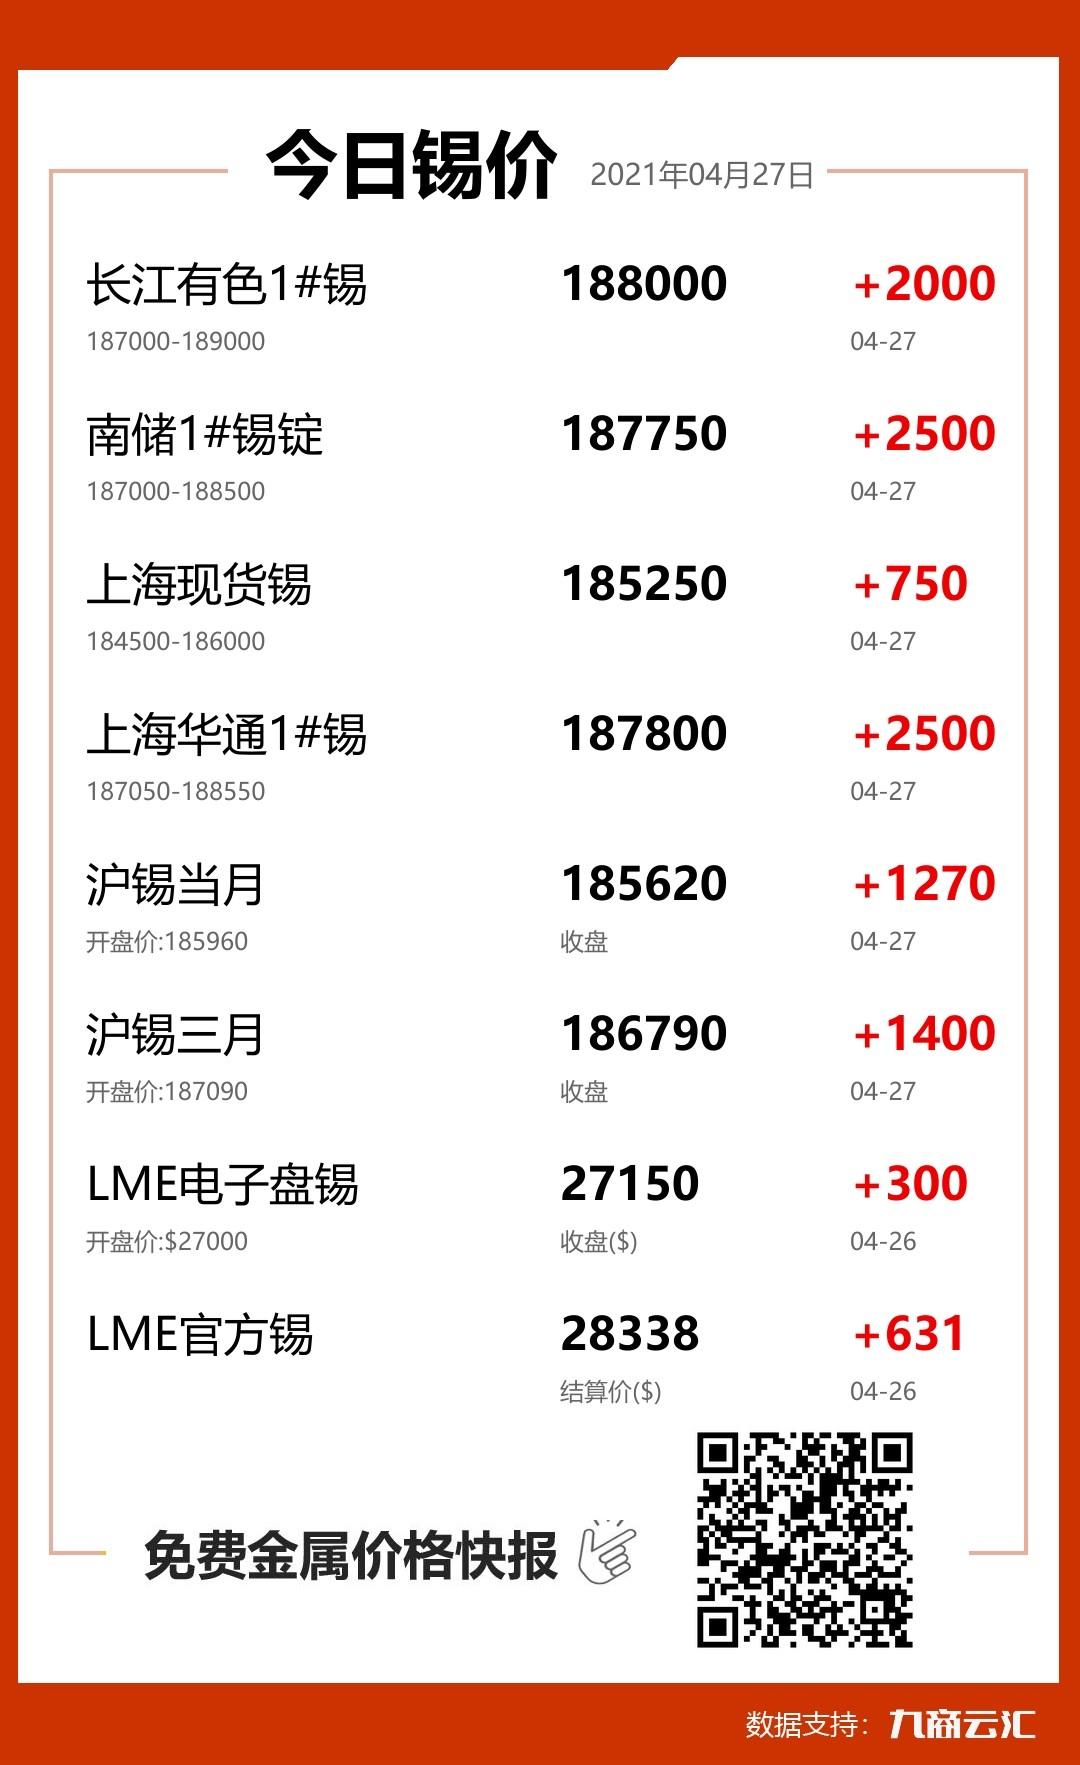 2021年04月27日云汇锡价行情:今日锡价大涨